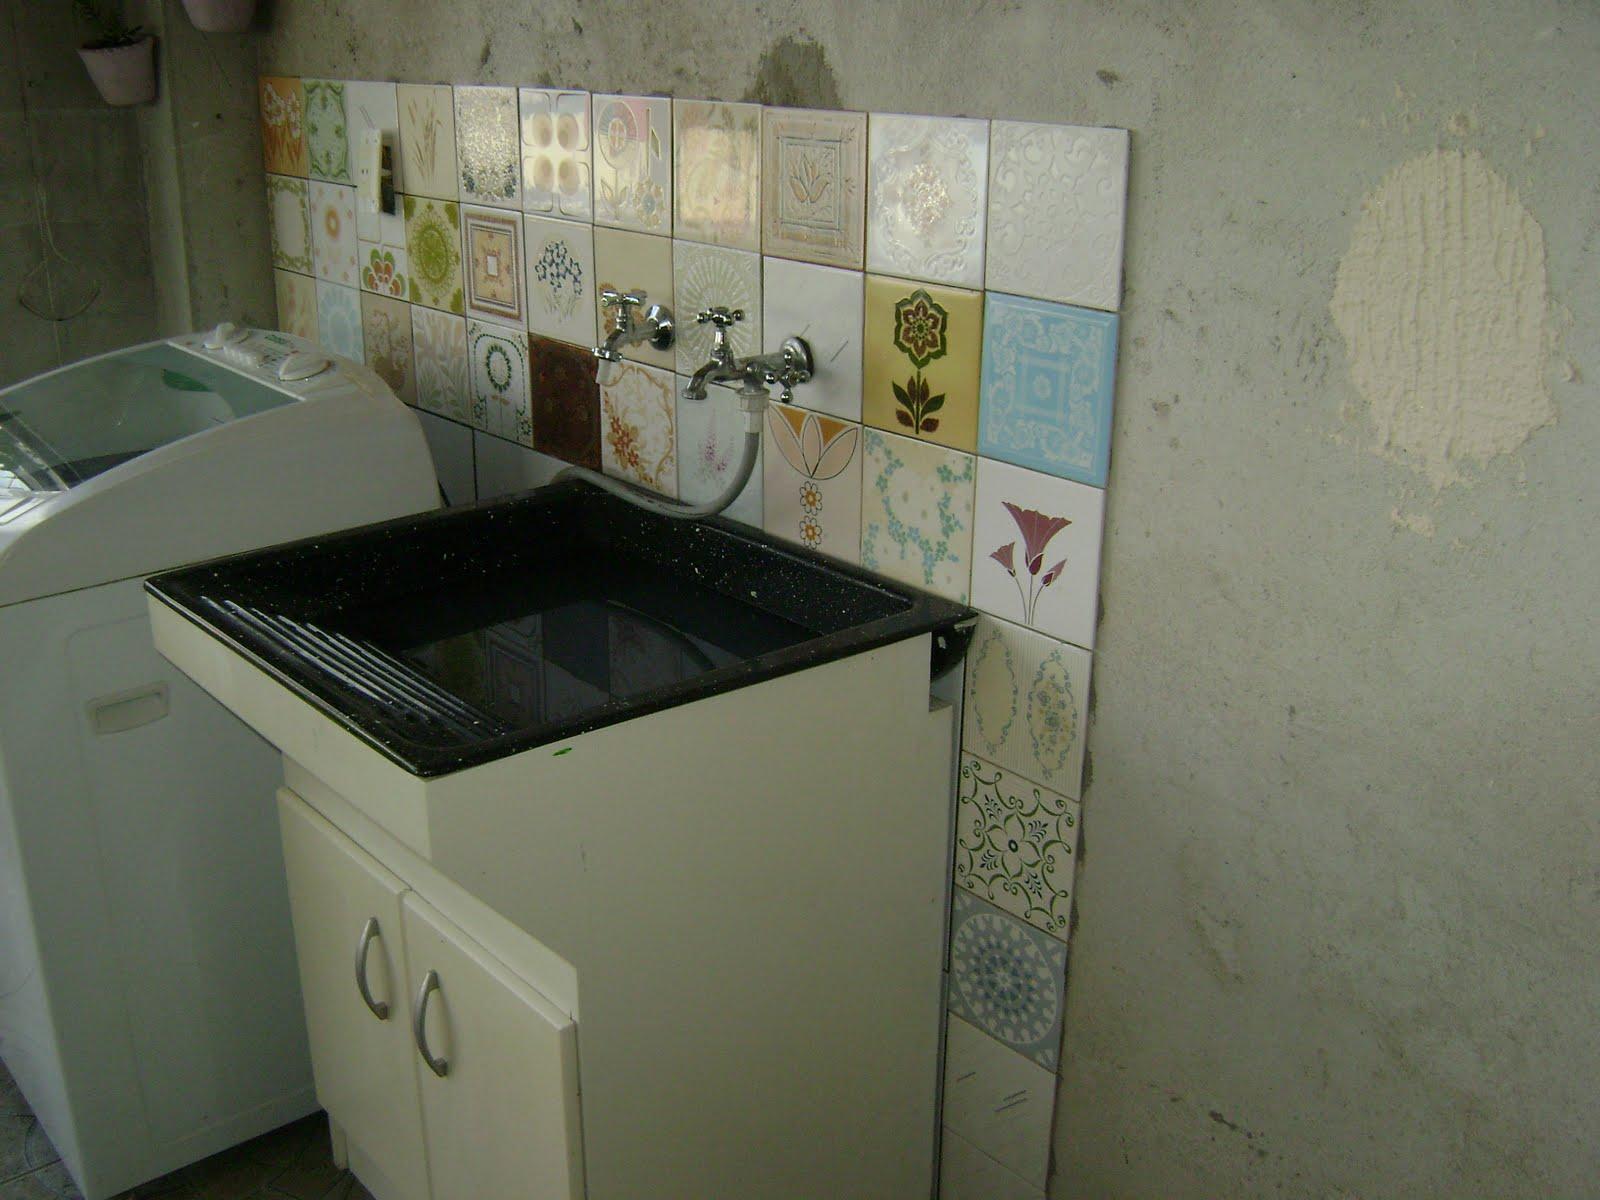 Patchwork de azulejos grafiato na parede e lavanderia quase pronta #5F4E33 1600x1200 Banheiro Com Parede De Grafiato